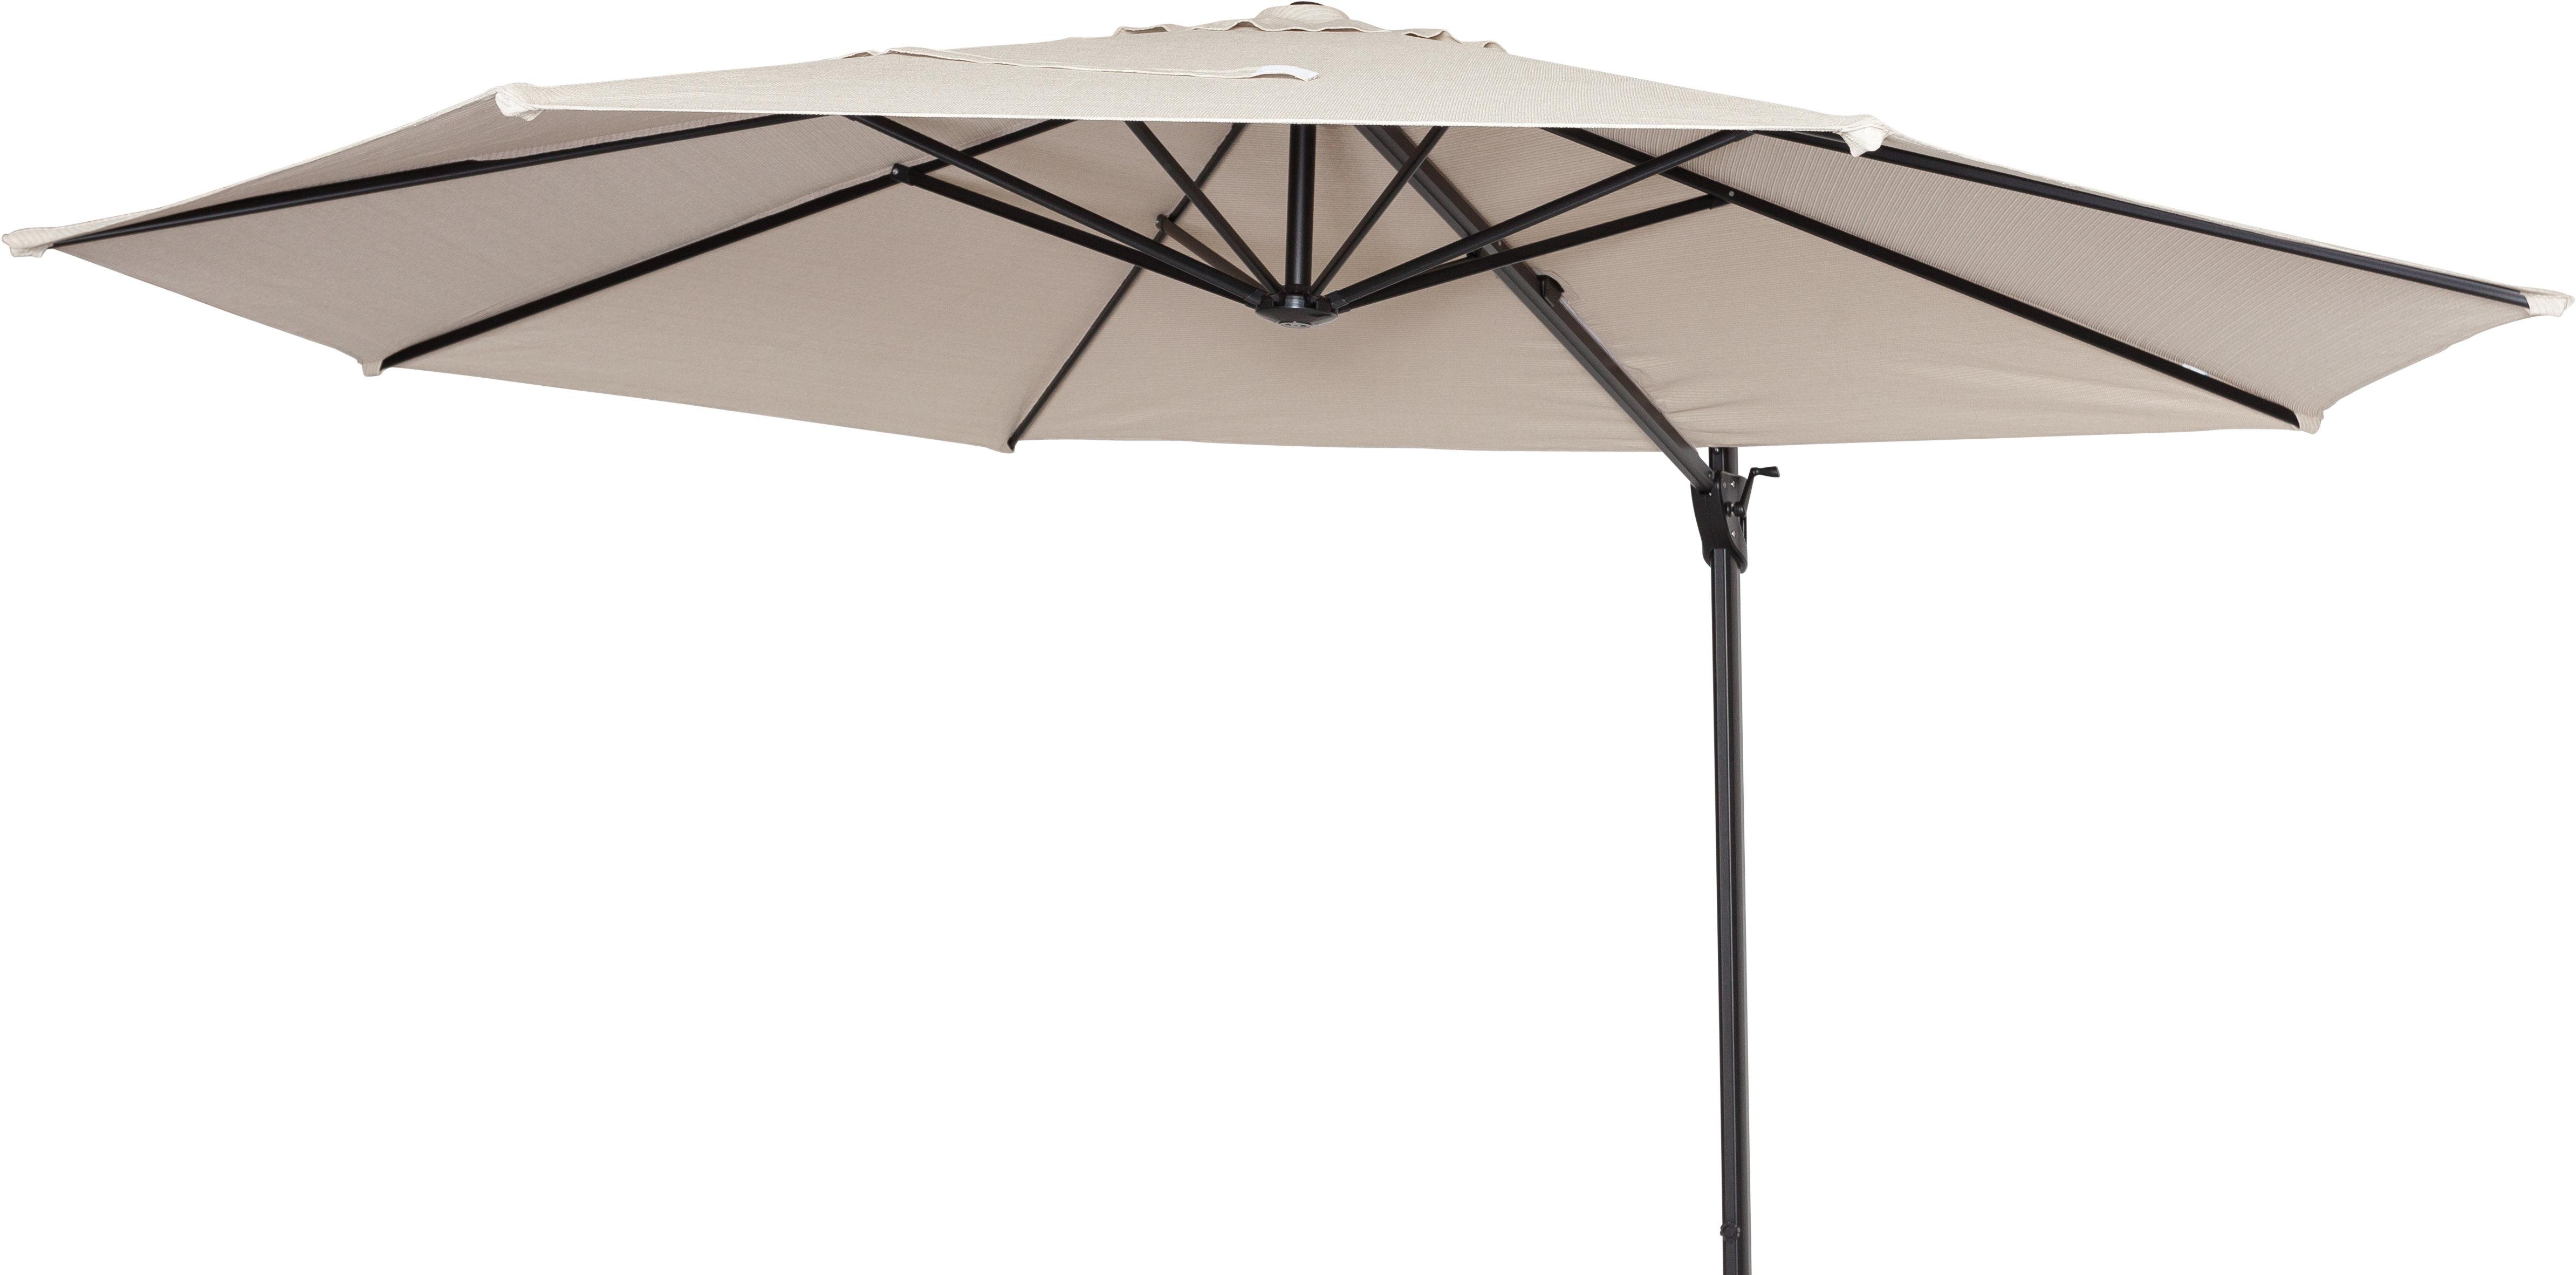 Popular Coolaroo 12' Cantilever Umbrella In Emely Cantilever Umbrellas (View 4 of 20)